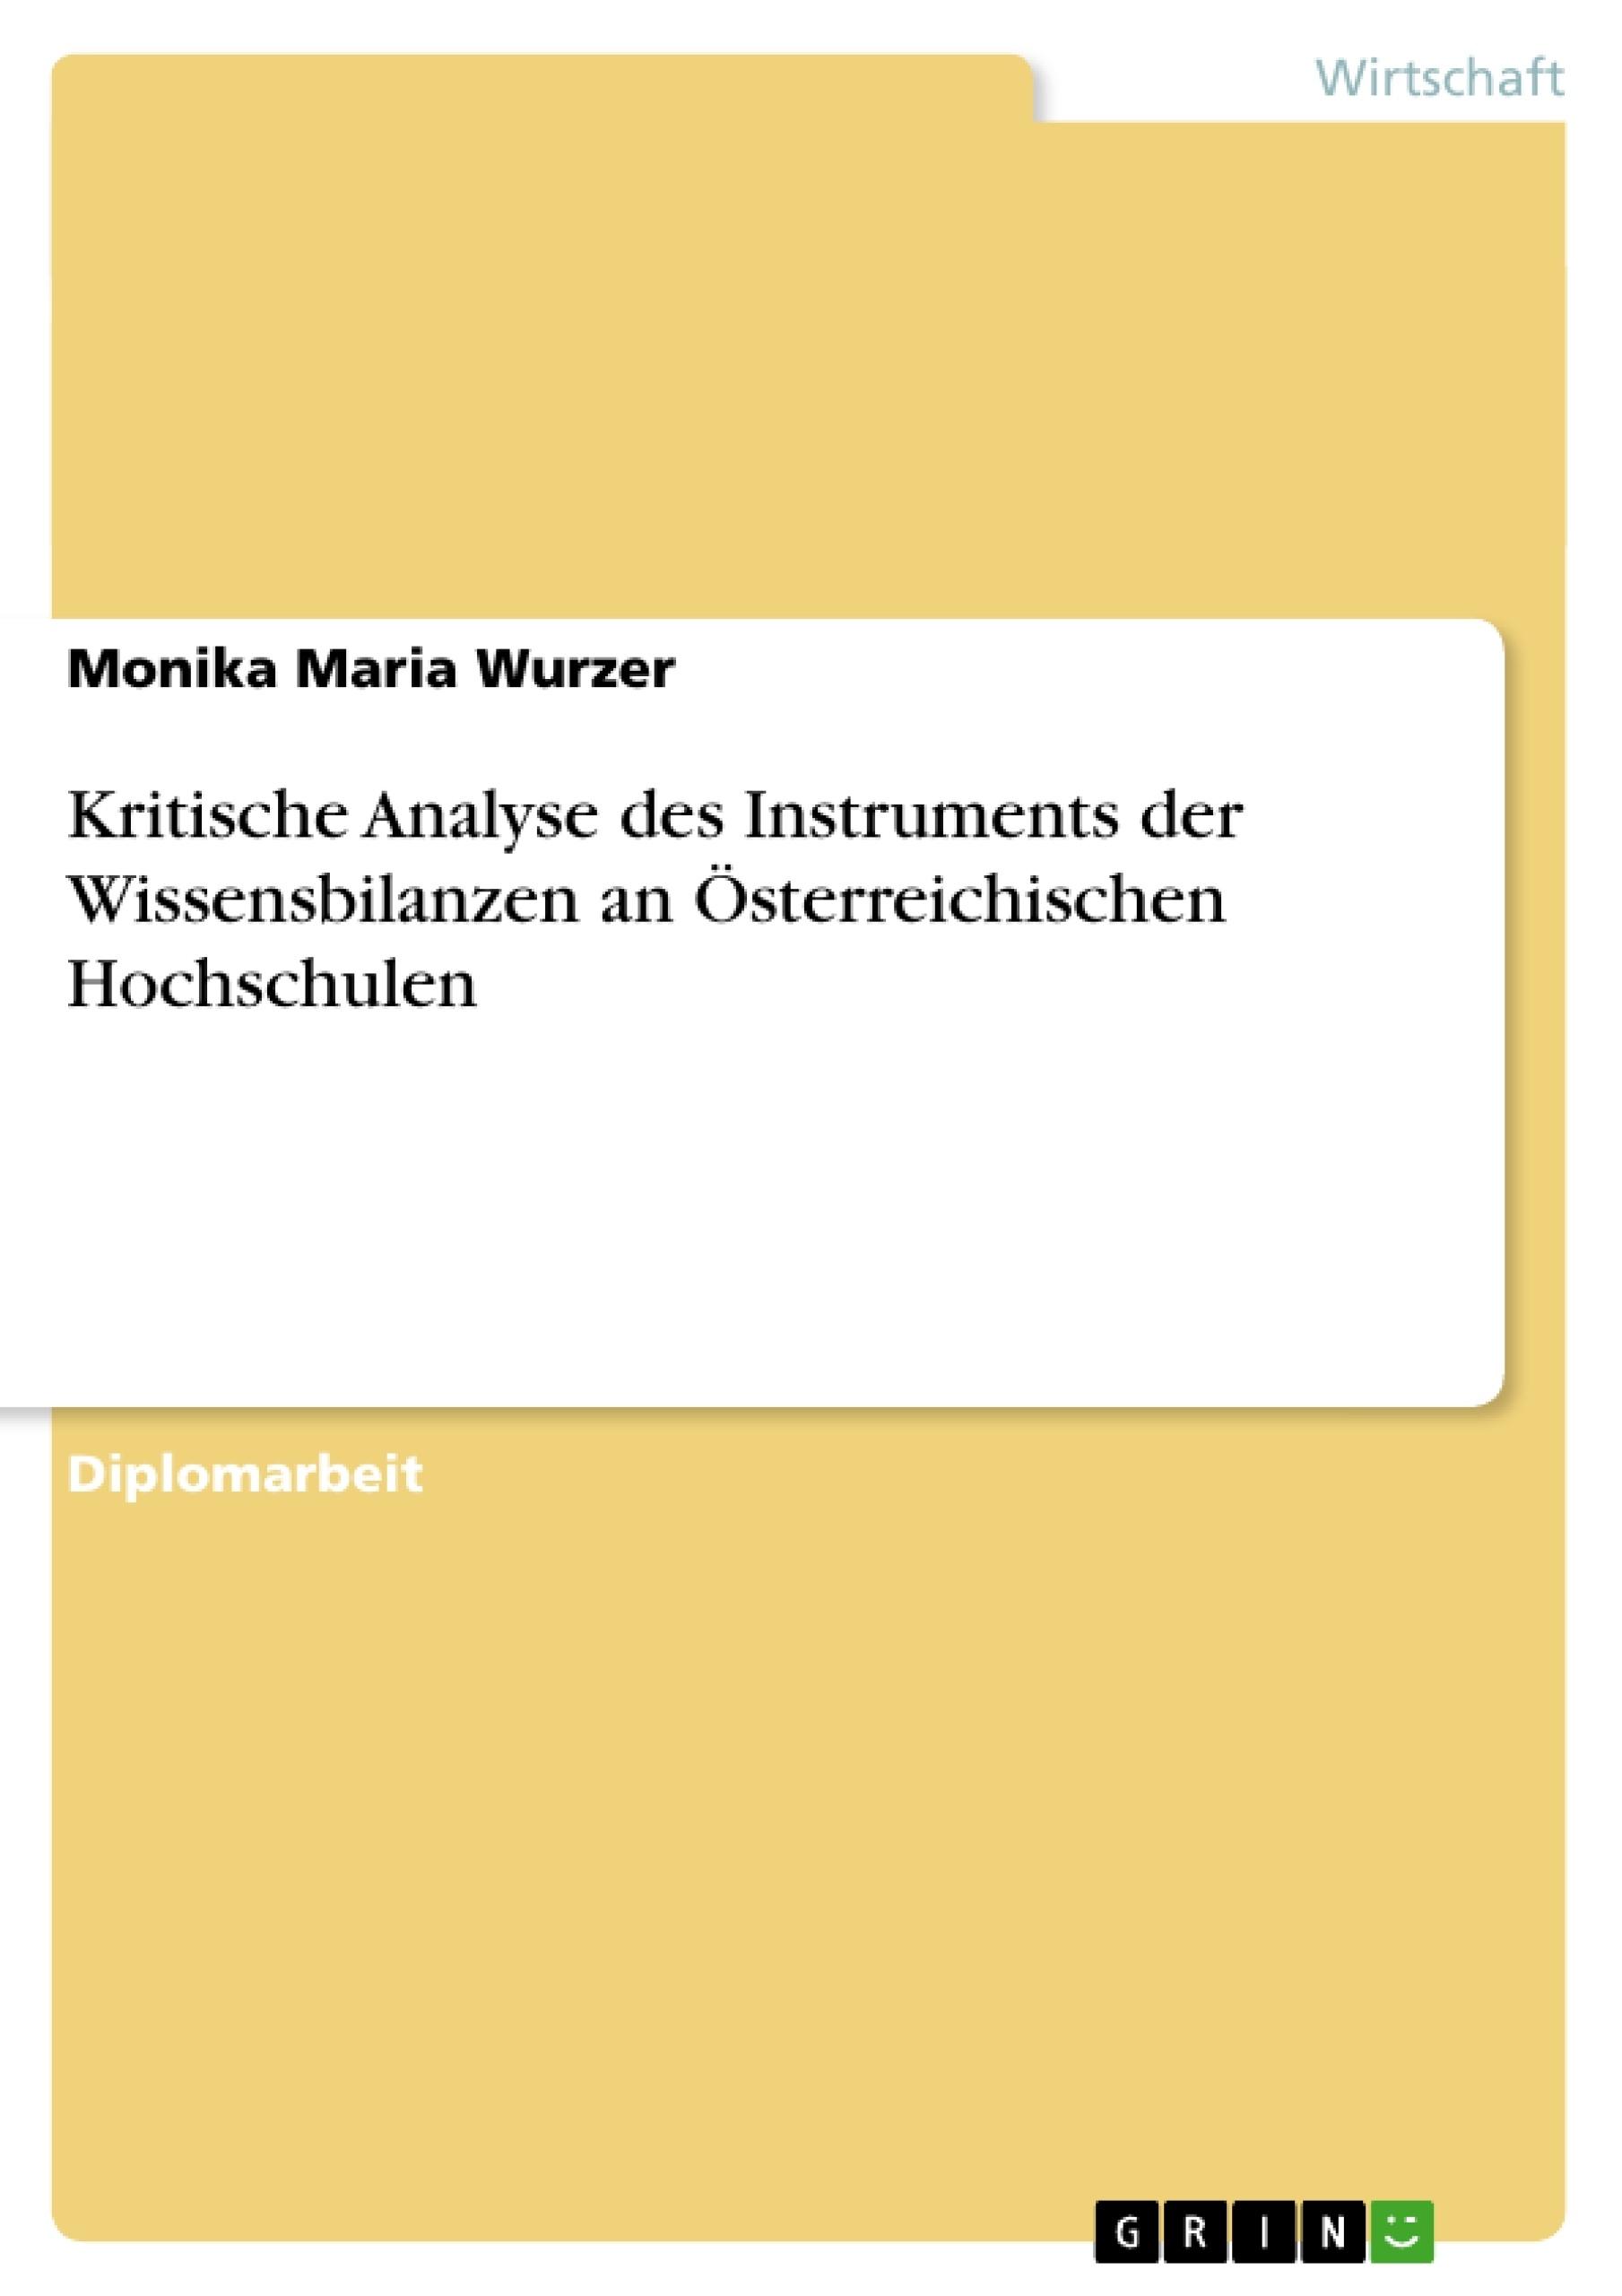 Titel: Kritische Analyse des Instruments der Wissensbilanzen an Österreichischen Hochschulen